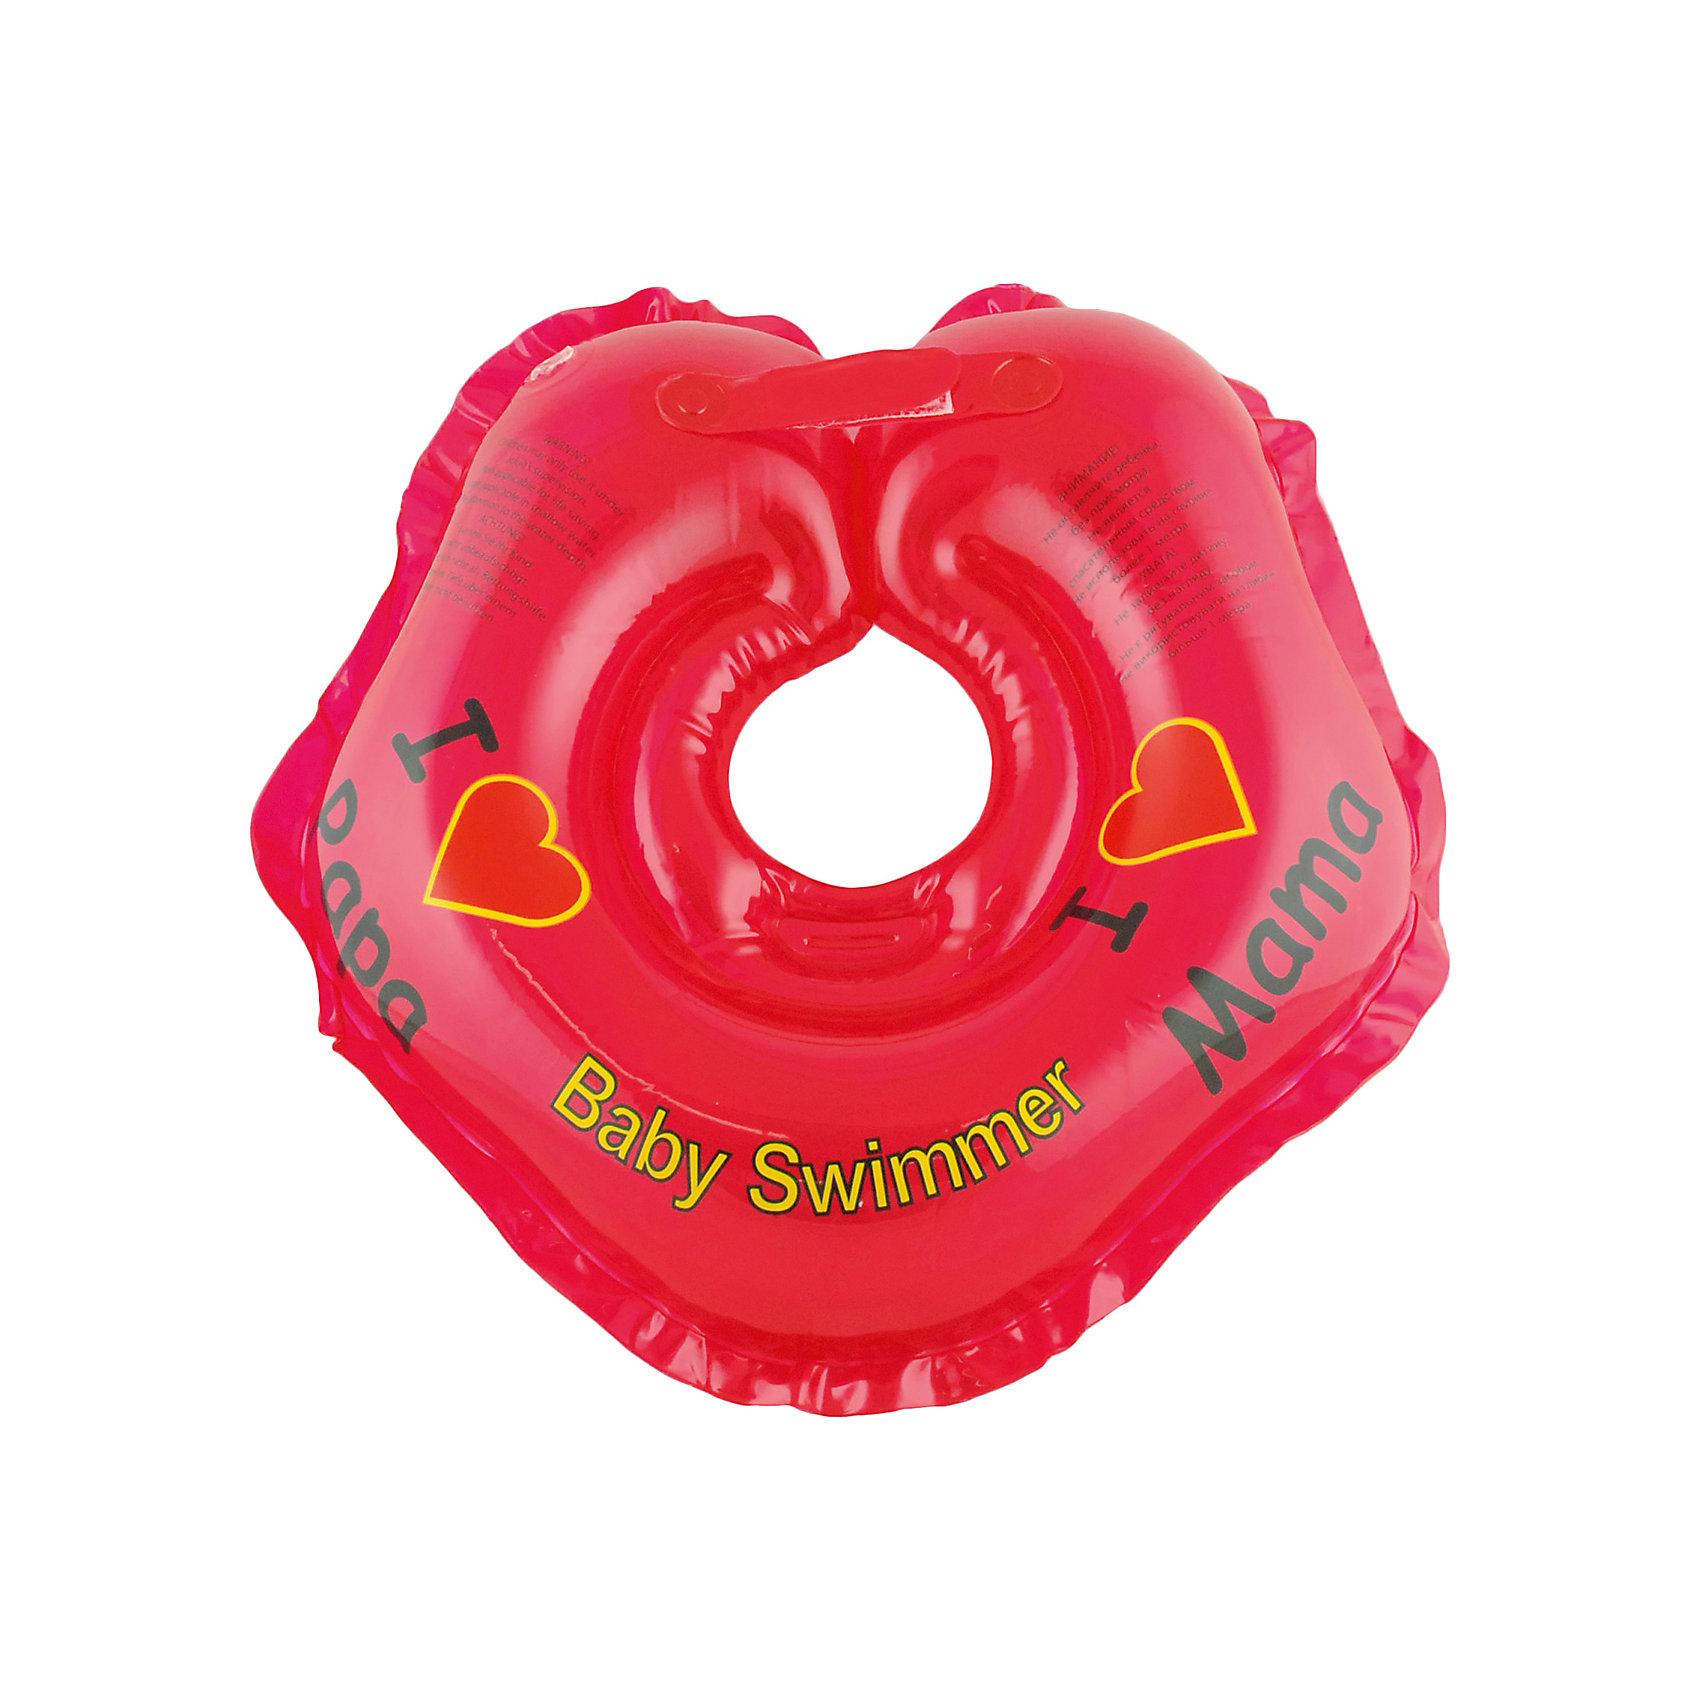 Круг для купания BabySwimmer, красныйКруги для купания малыша<br>Купание младенца– ответственное и важное занятие. Круг для купания Baby Swimmer  обеспечит безопасность процесса, избавит малыша от страха воды и сделает водные процедуры веселой игрой. У круга есть устройство, поддерживающее подбородок, что позволит избежать проглатывание воды малышом. У круга яркие цвета, необычный дизайн и веселые картинки по бокам, которые понравится всем детям. Все материалы, использованные при разработке и изготовлении круга для купания безопасны для использования, отвечают всем требованиям экологичности и качества детских товаров, а так же гипоаллергенны.<br><br>Дополнительная информация:<br><br>модель: Baby Swimmer;<br>цвет: красный.<br><br>Круг для купания Baby Swimmer можно приобрести в нашем магазине.<br><br>Ширина мм: 150<br>Глубина мм: 40<br>Высота мм: 150<br>Вес г: 140<br>Возраст от месяцев: 0<br>Возраст до месяцев: 24<br>Пол: Унисекс<br>Возраст: Детский<br>SKU: 4968090